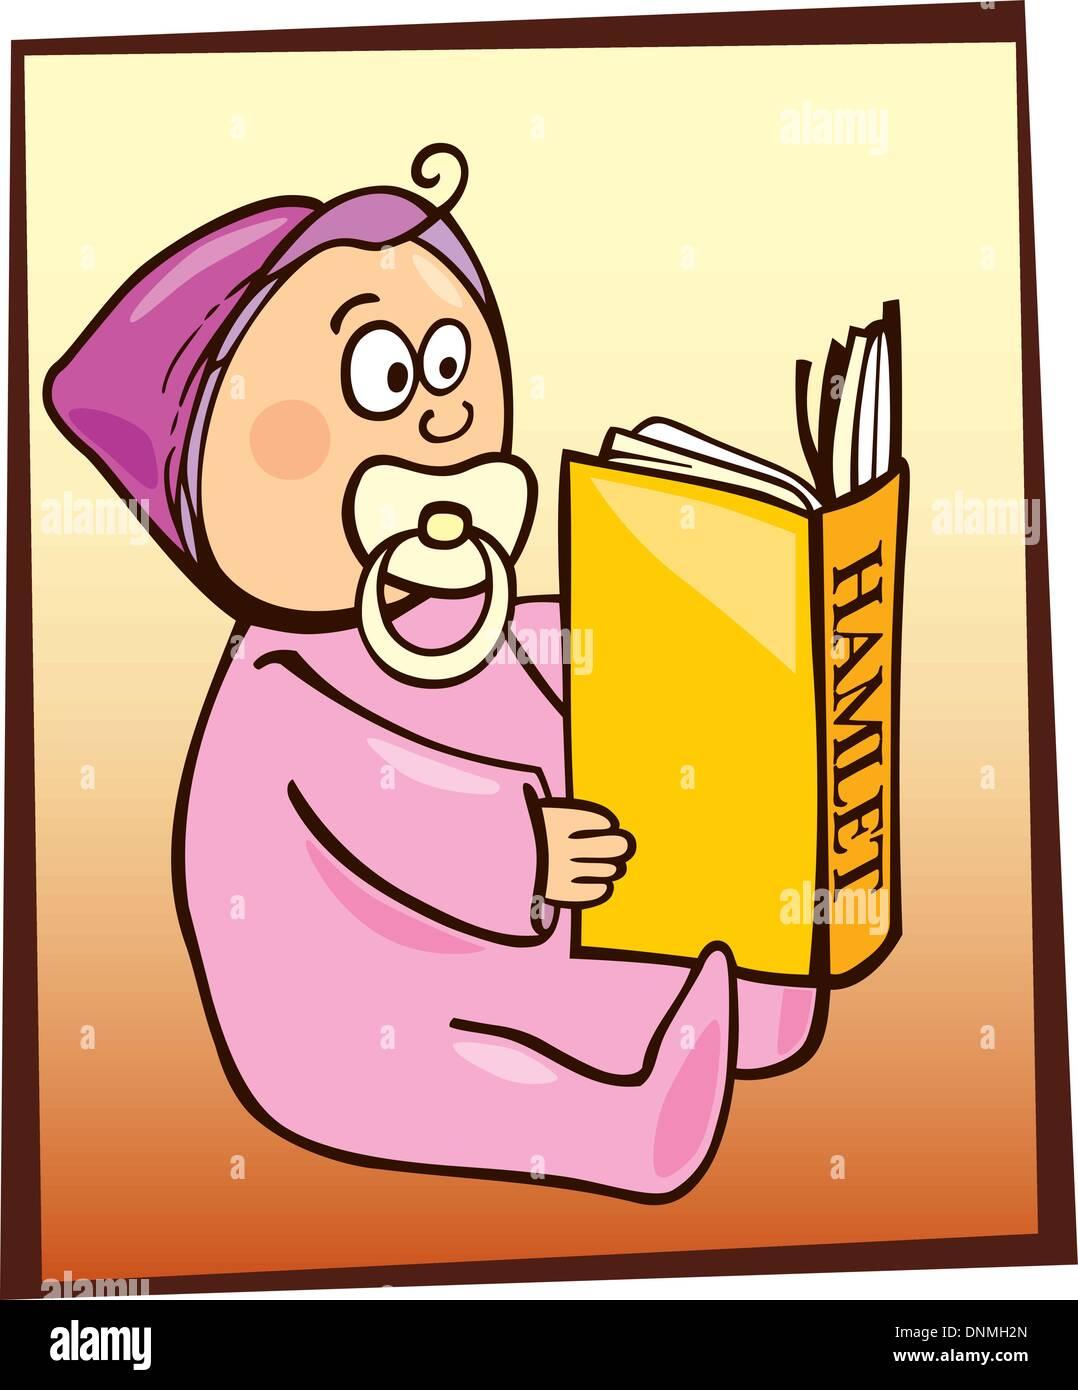 Cartoon illustration of baby reading Hamlet - Stock Vector